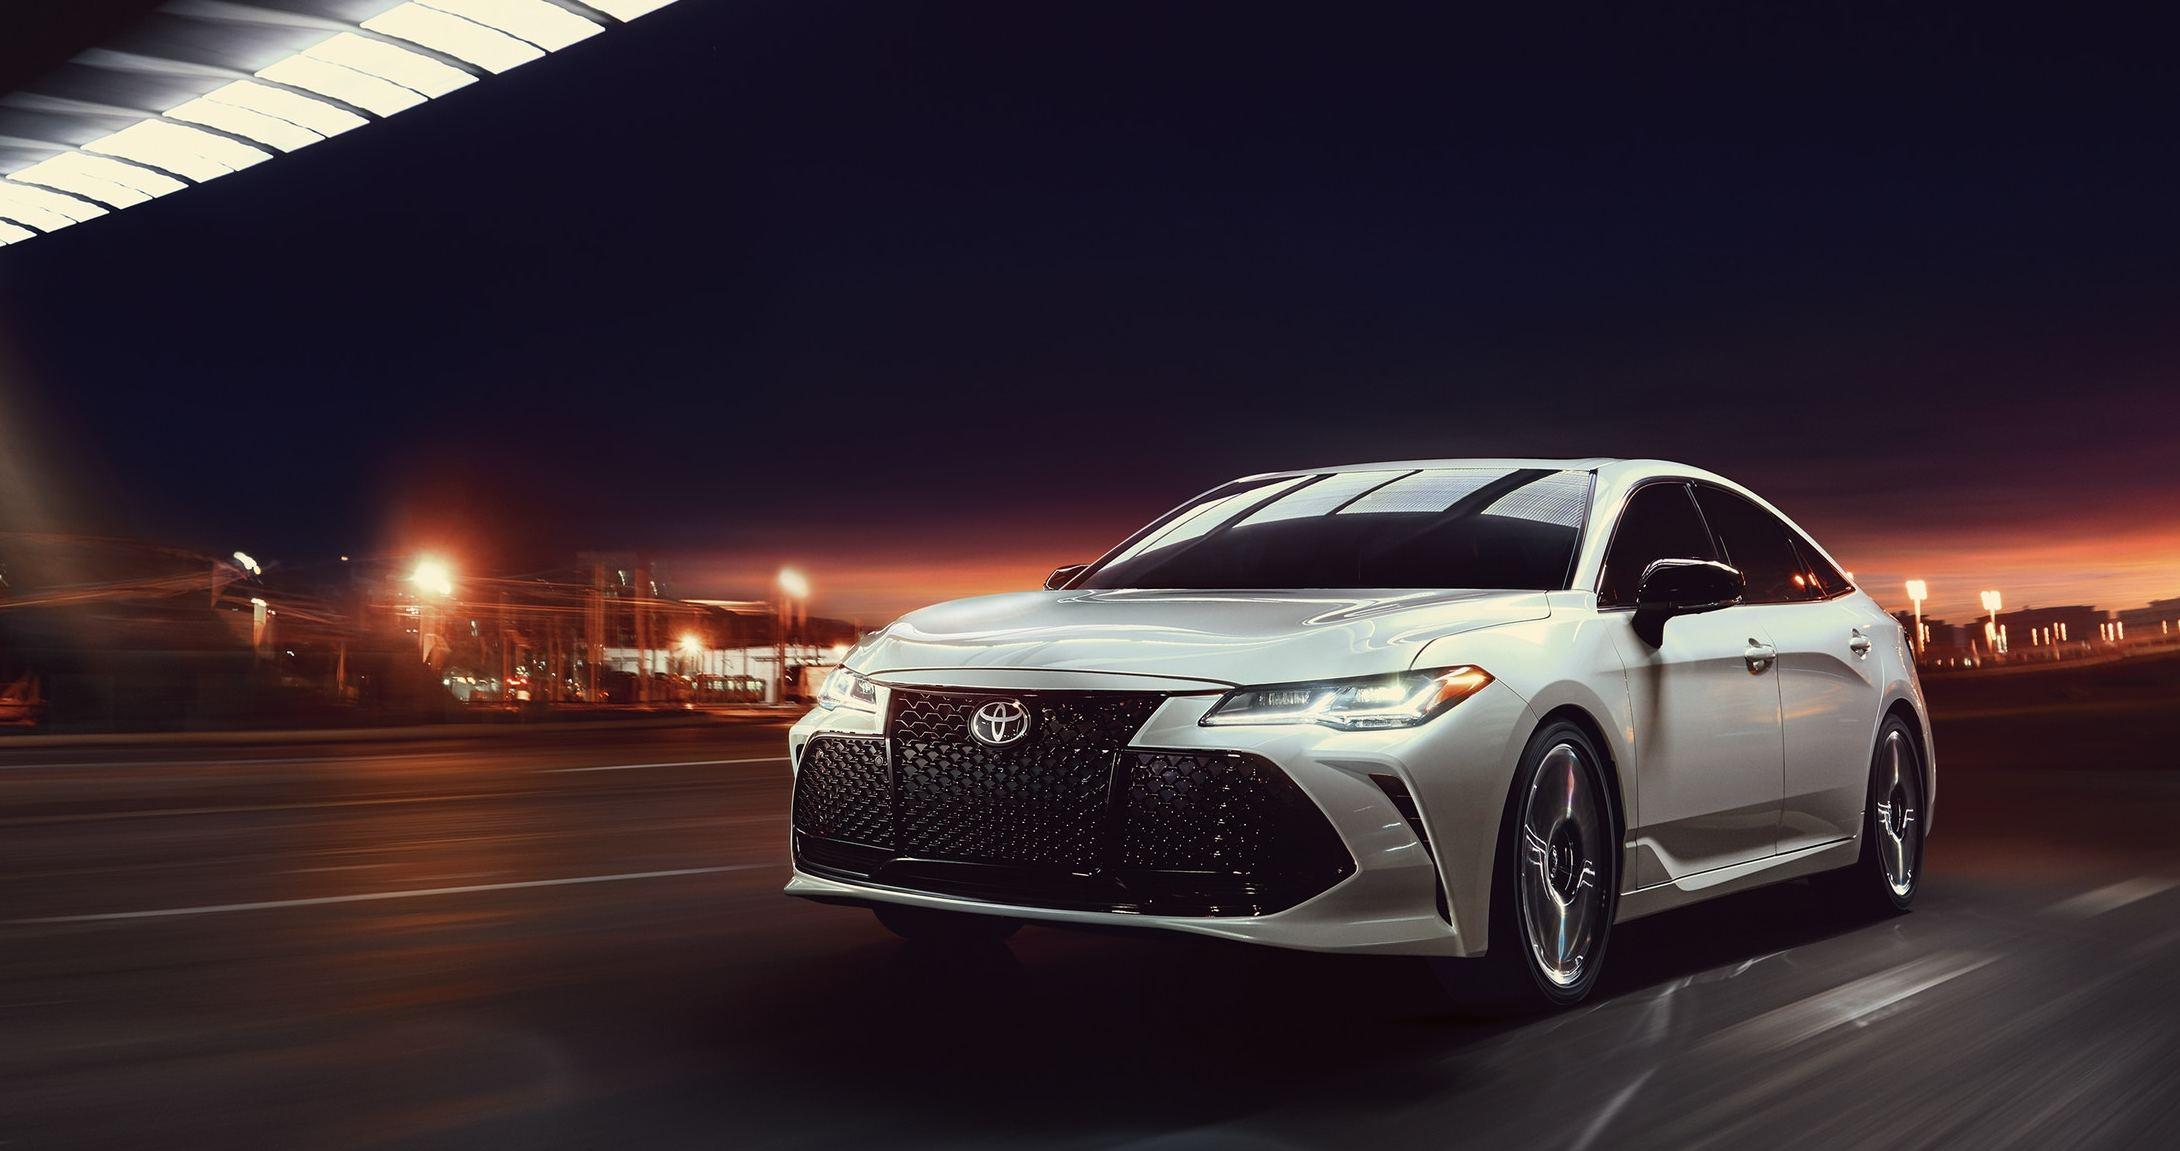 2020 Toyota Avalon Lease in Kansas City, MO, 64114